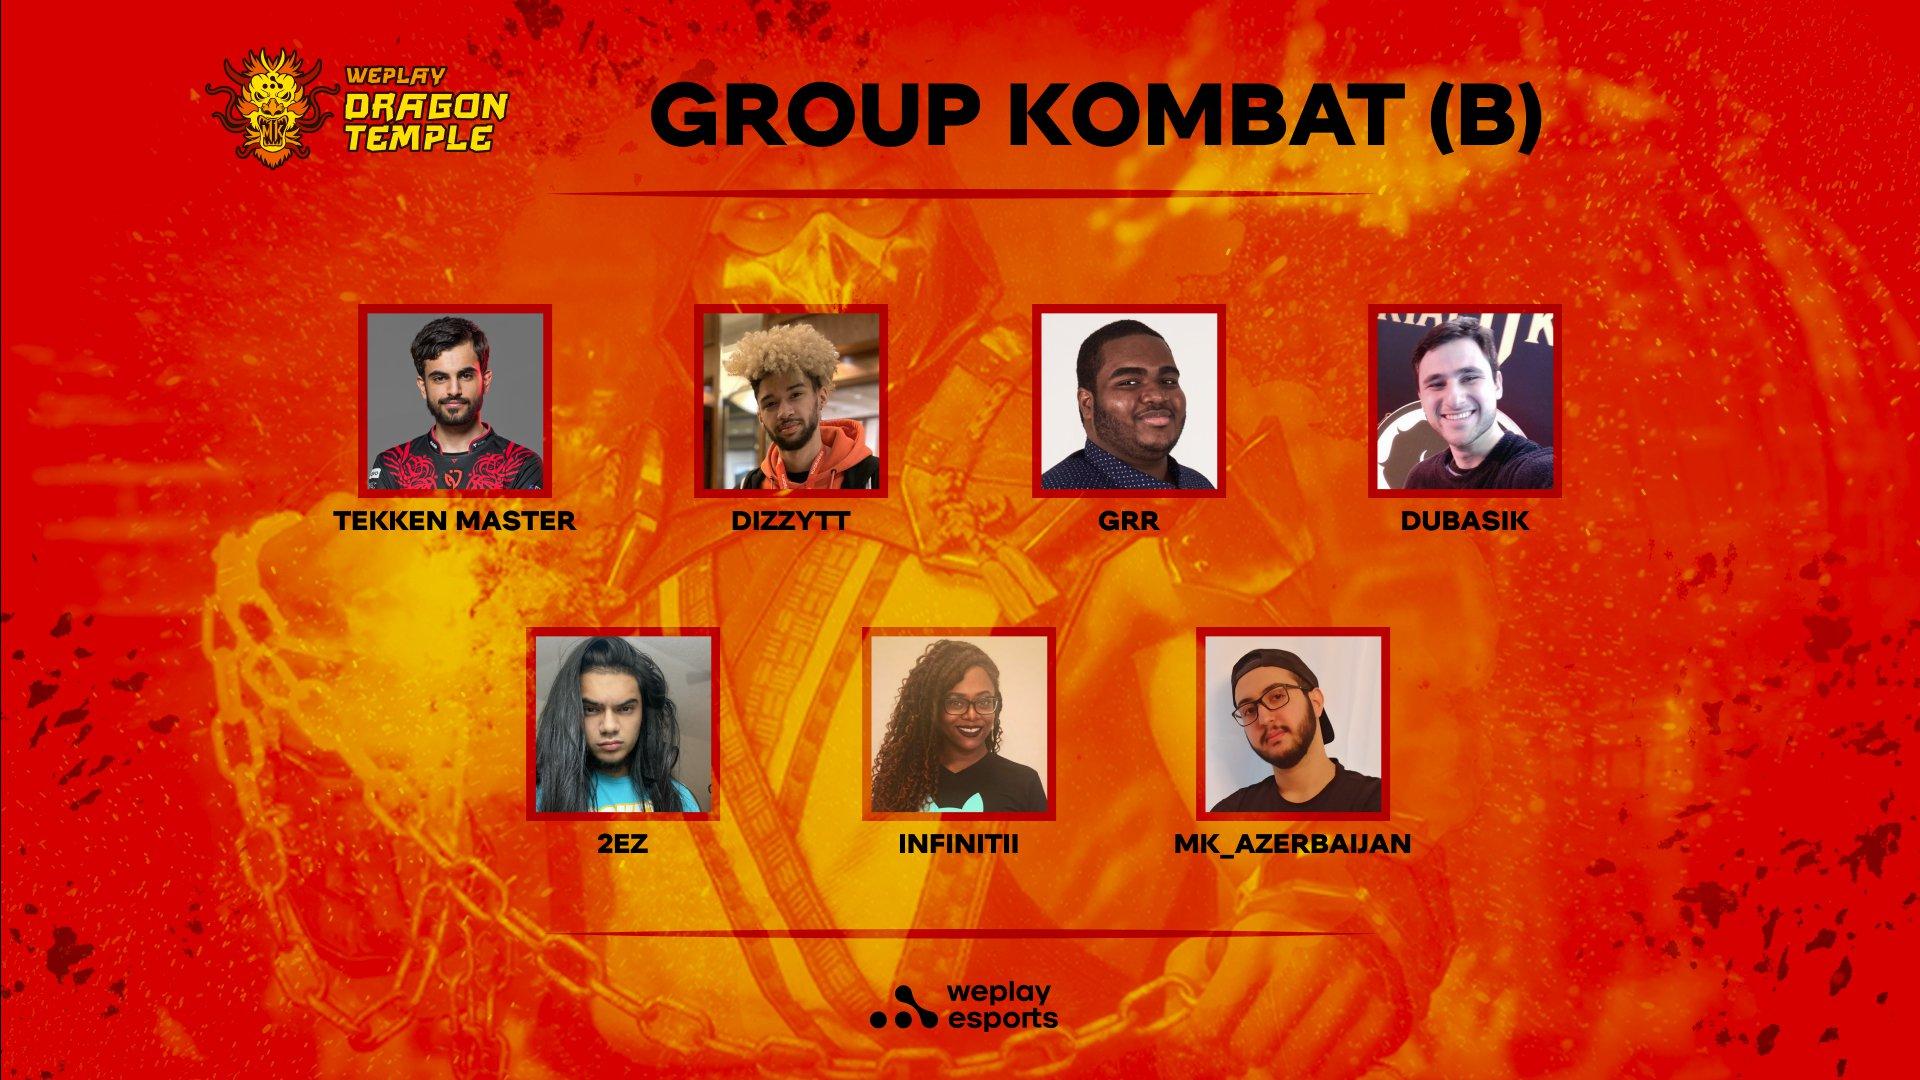 Group KOMBAT